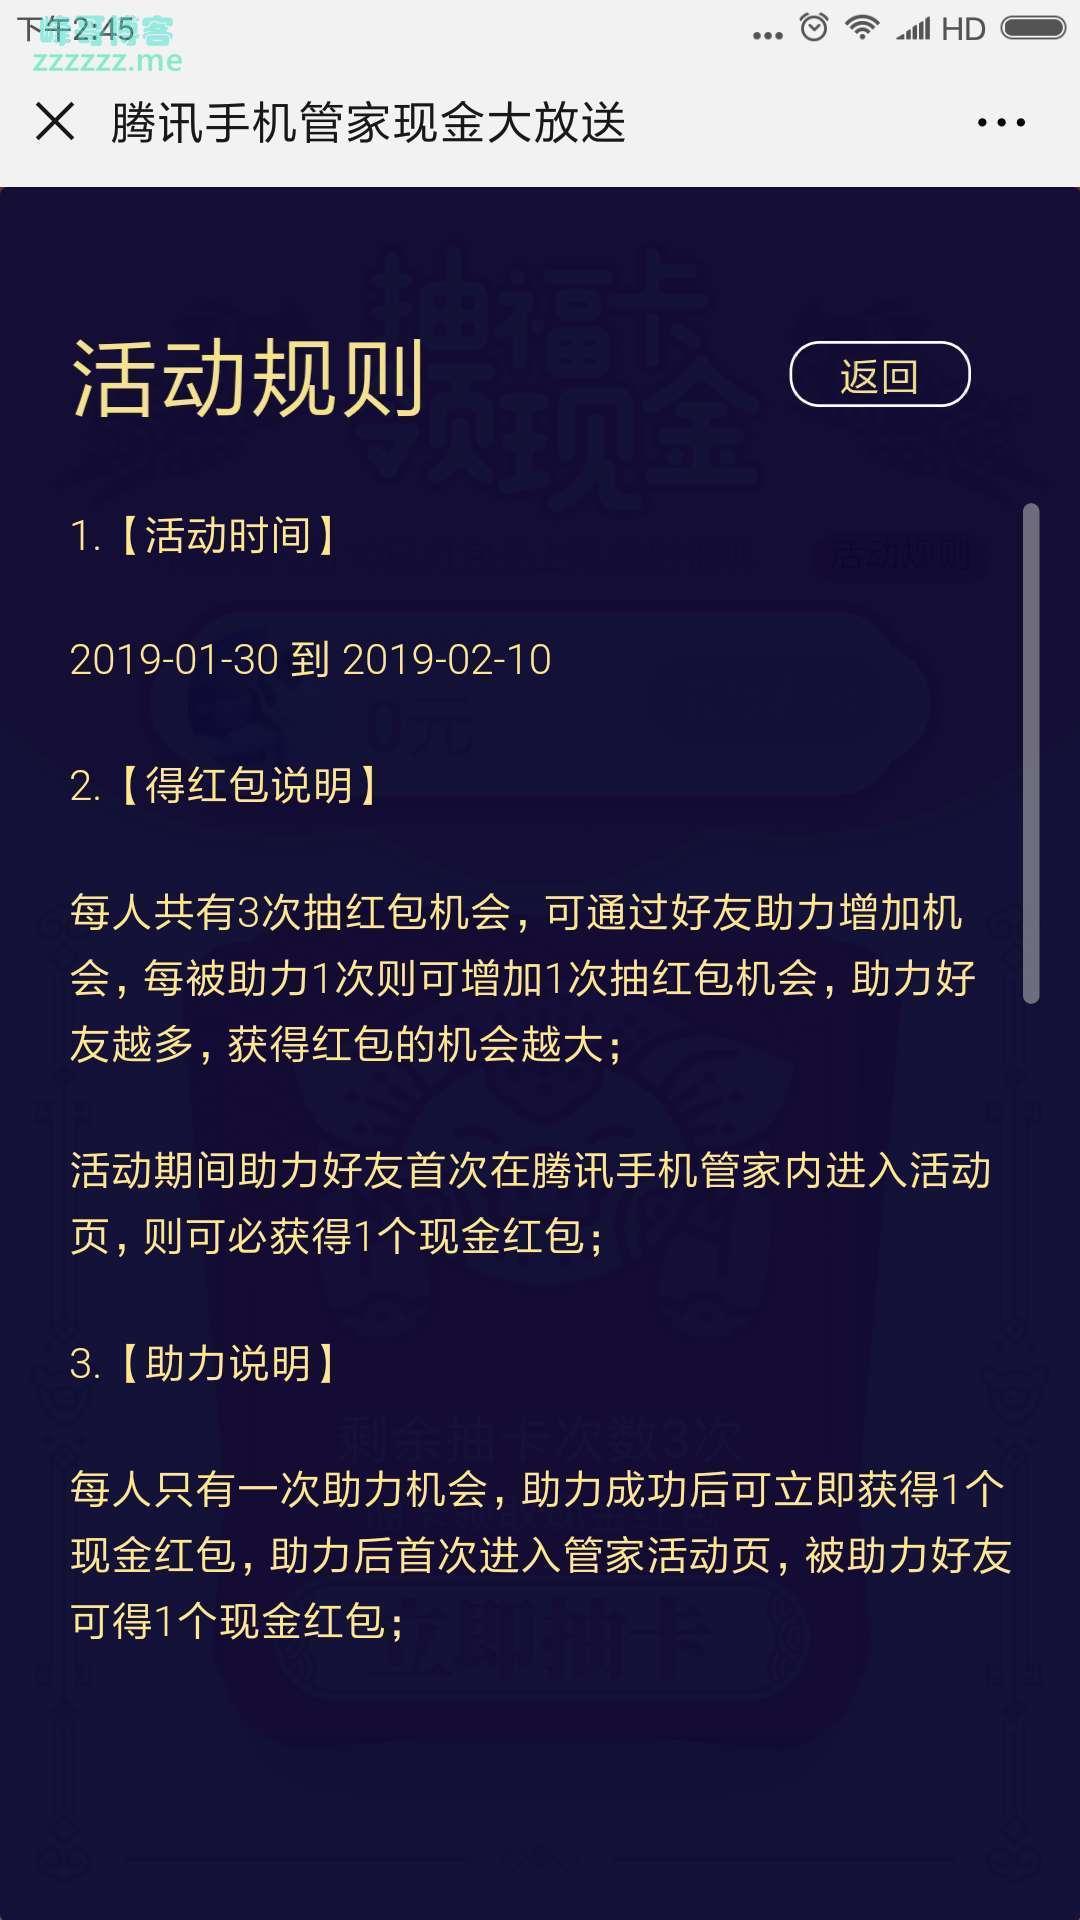 <腾讯手机管家>现金红包大放送(截至2月10日)